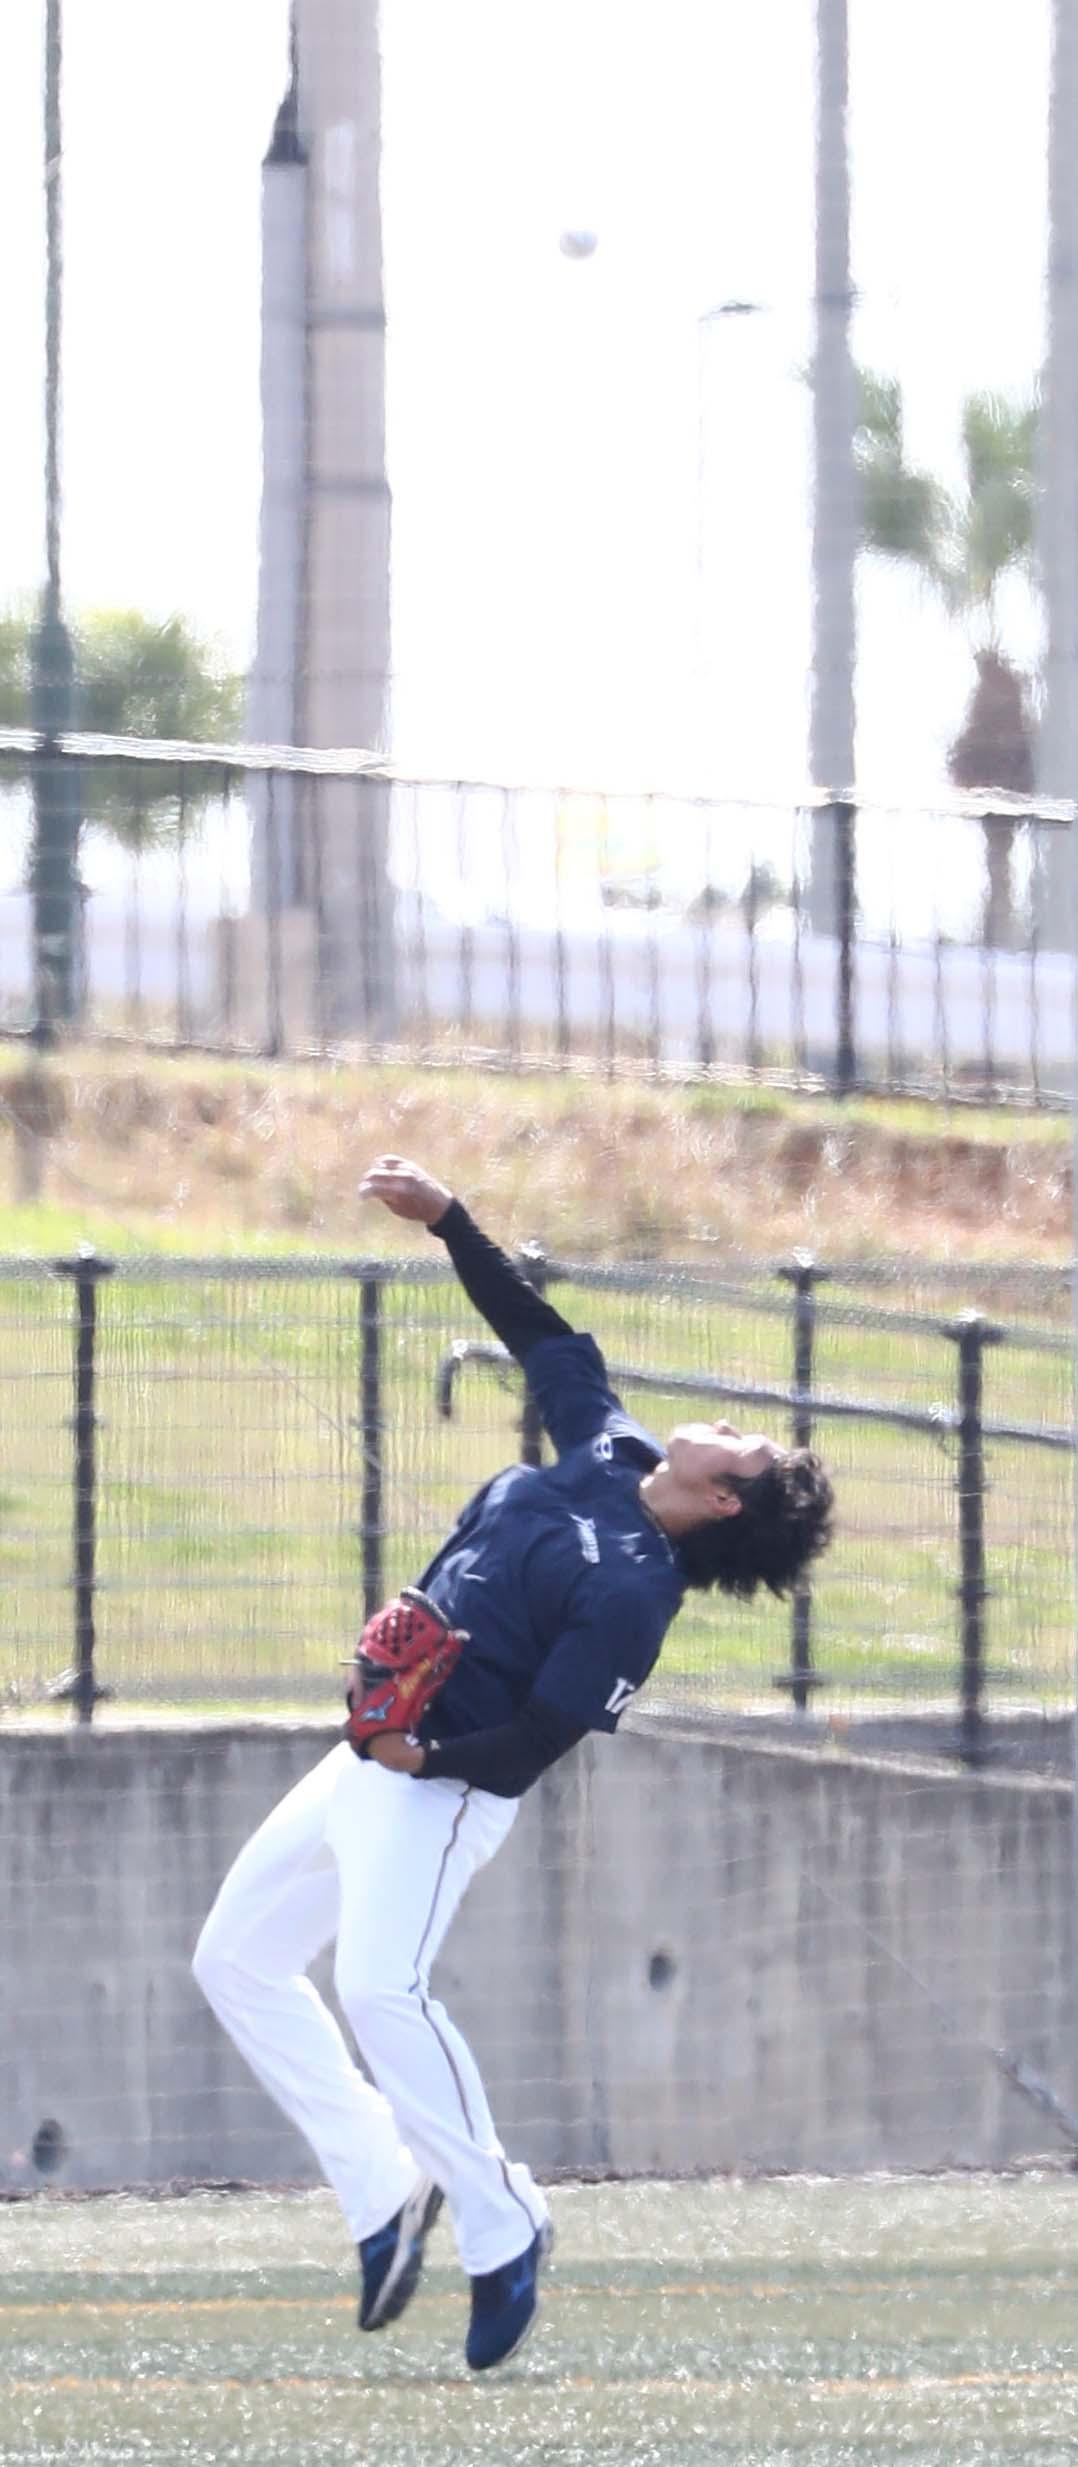 上空に向けボールを高く投げ上げる日本ハム伊藤